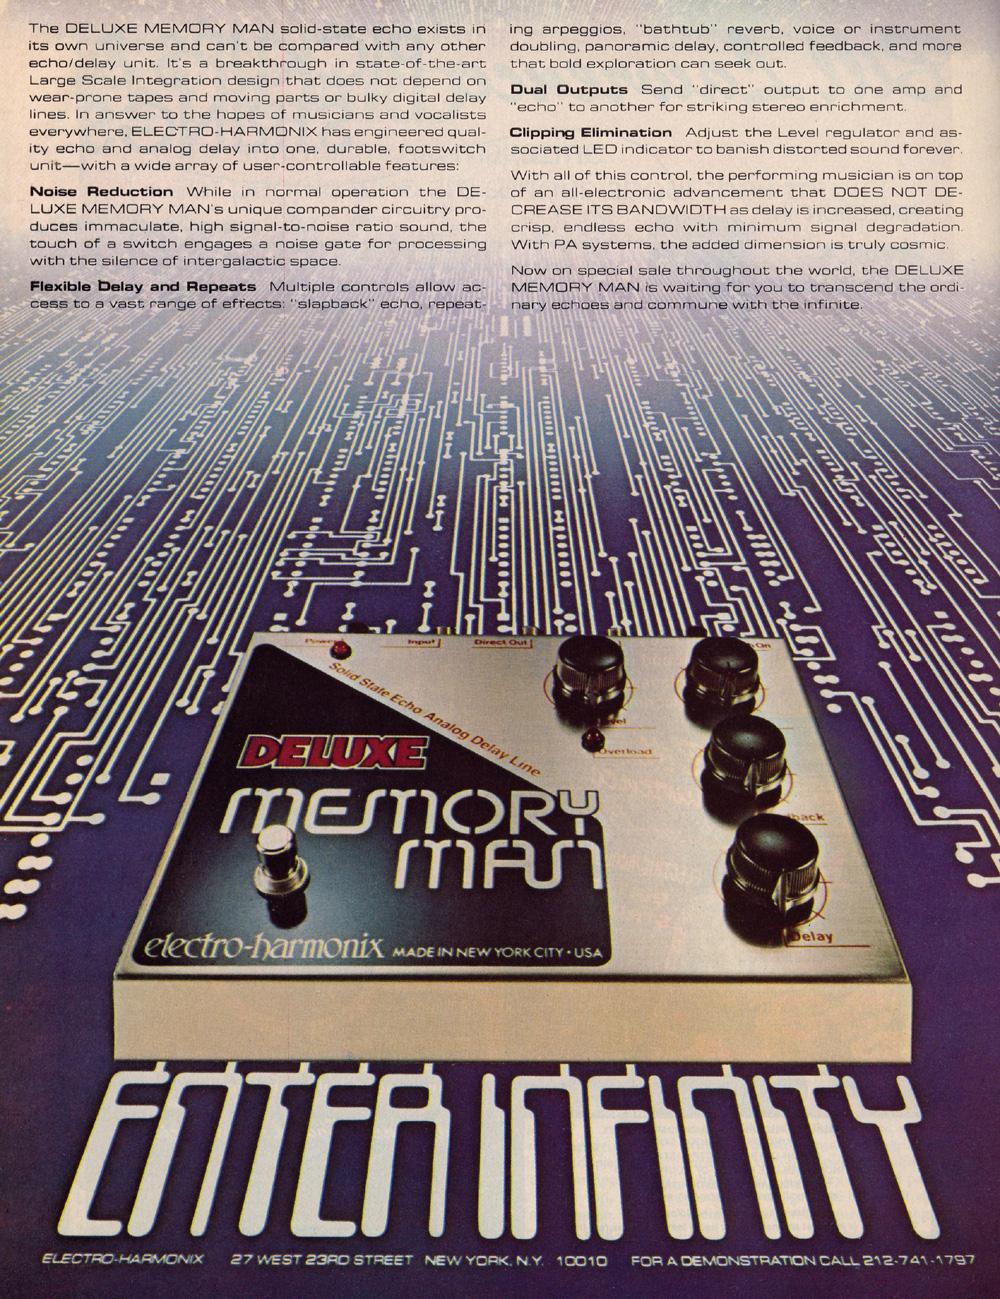 flashback-1978-deluxe-memory-man.jpg